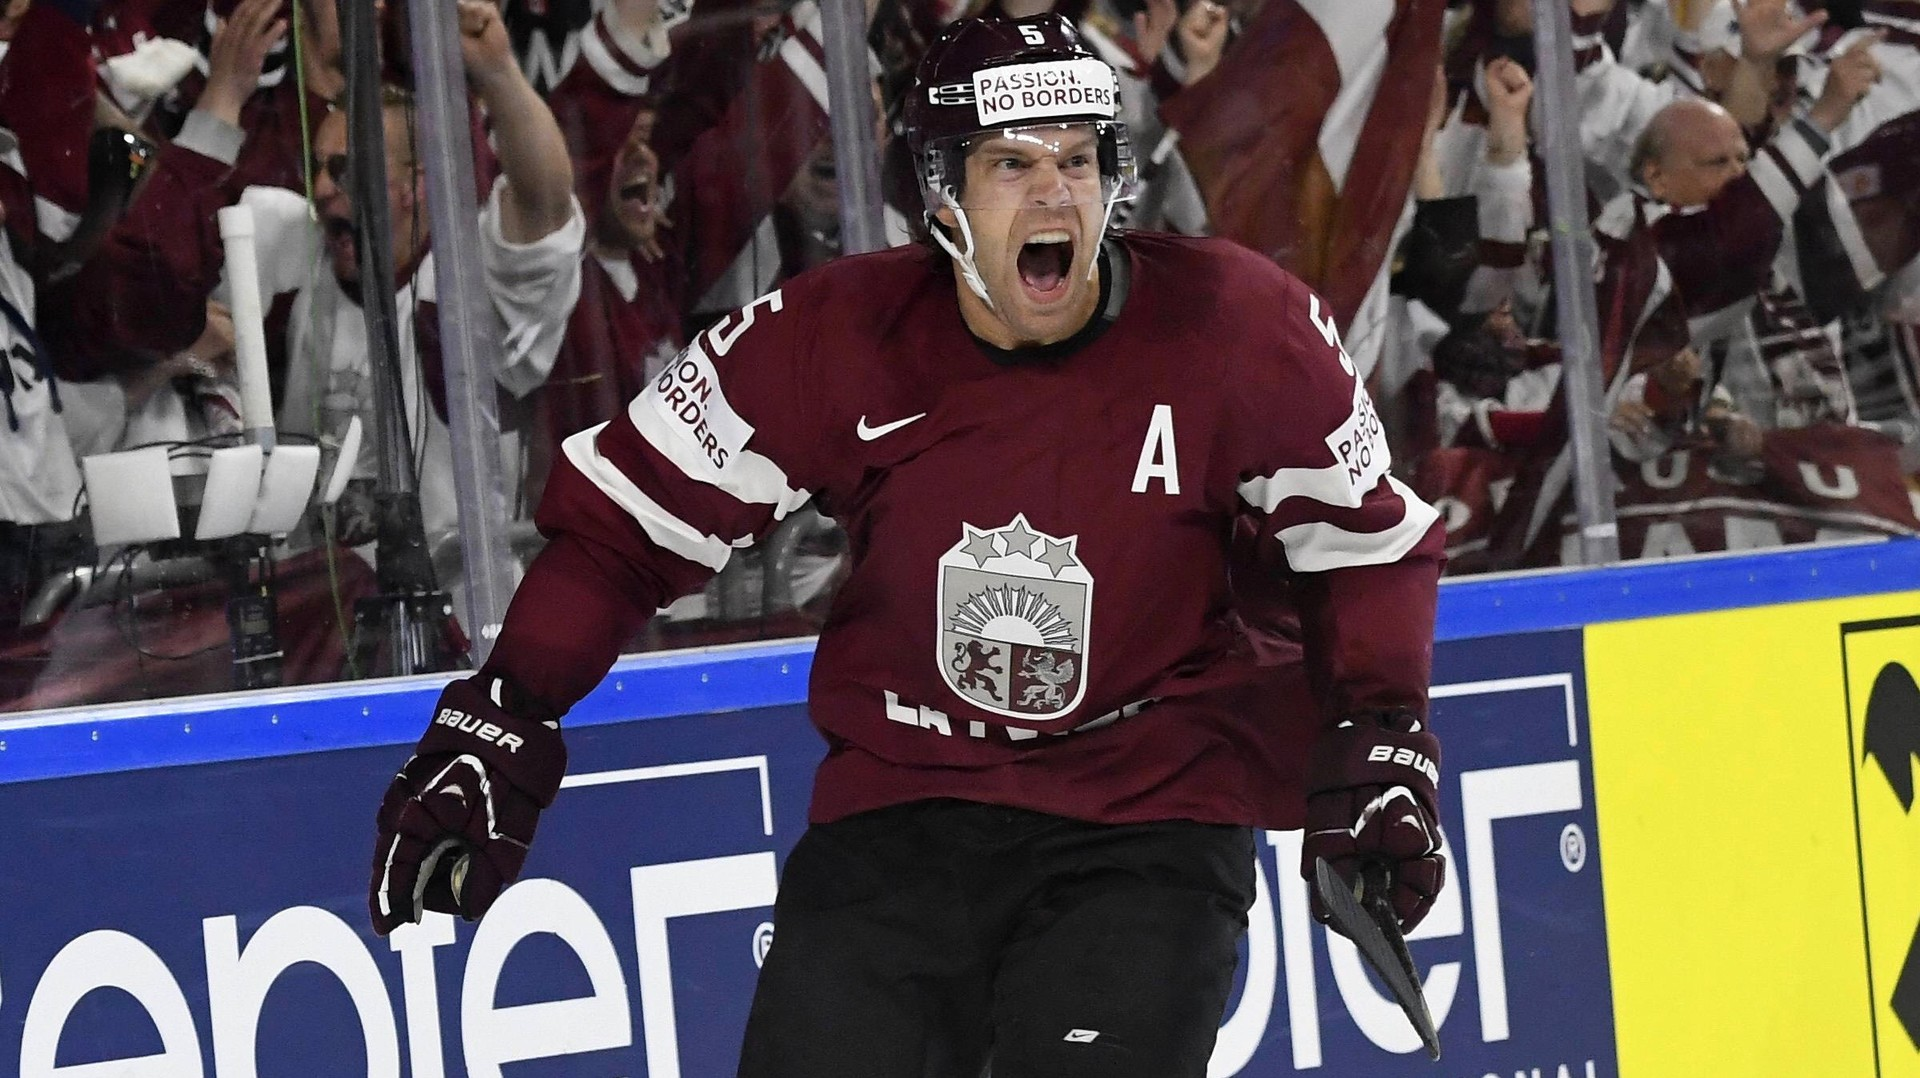 Латвия теснит Россию, Франция продолжает удивлять: итоги 5-го дня ЧМ по хоккею